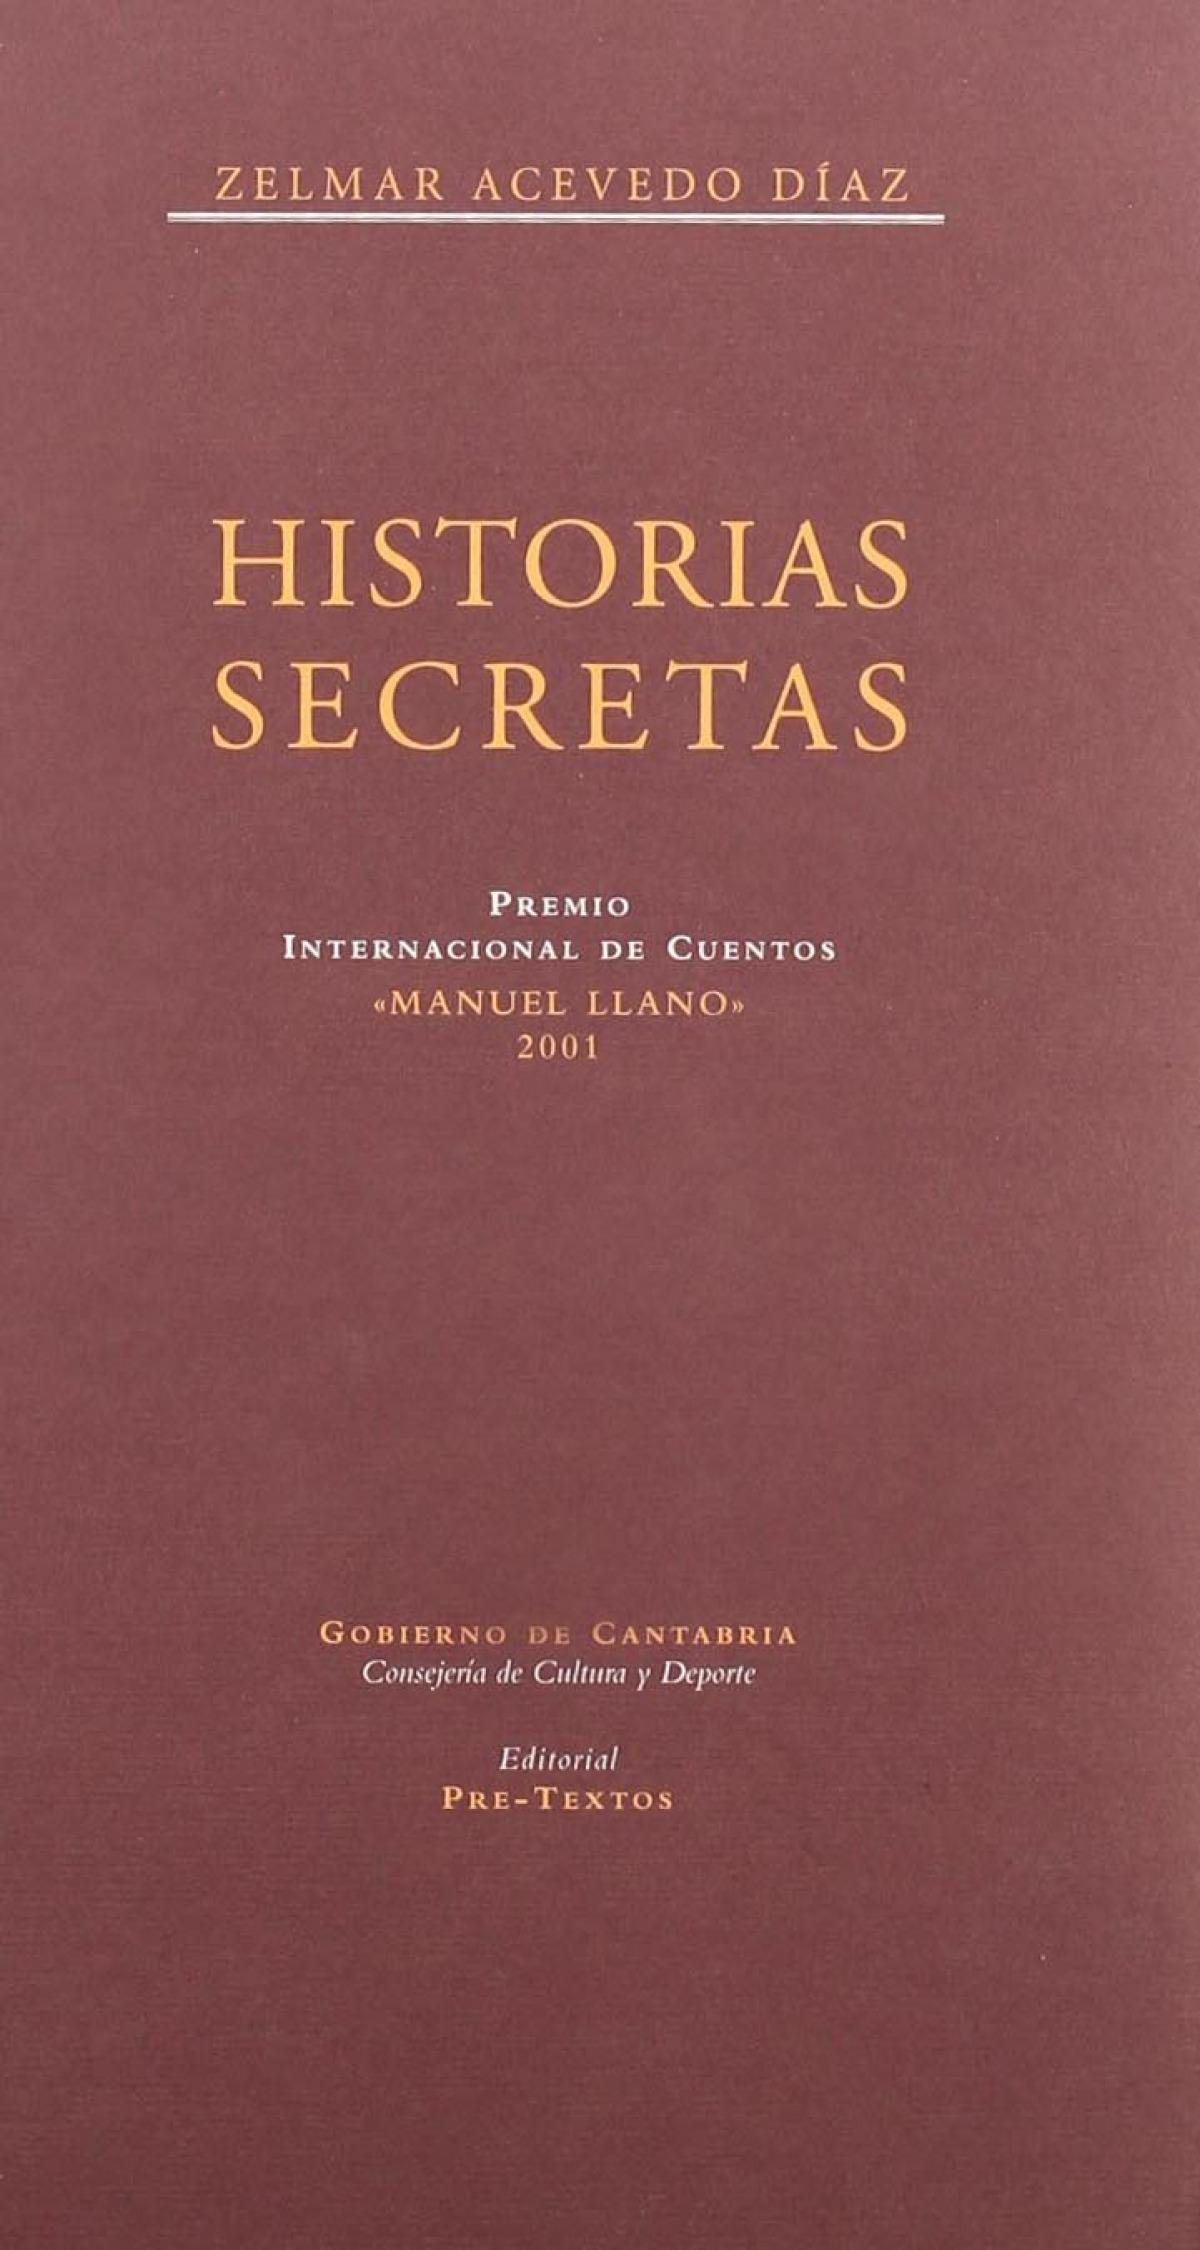 Historias secretas